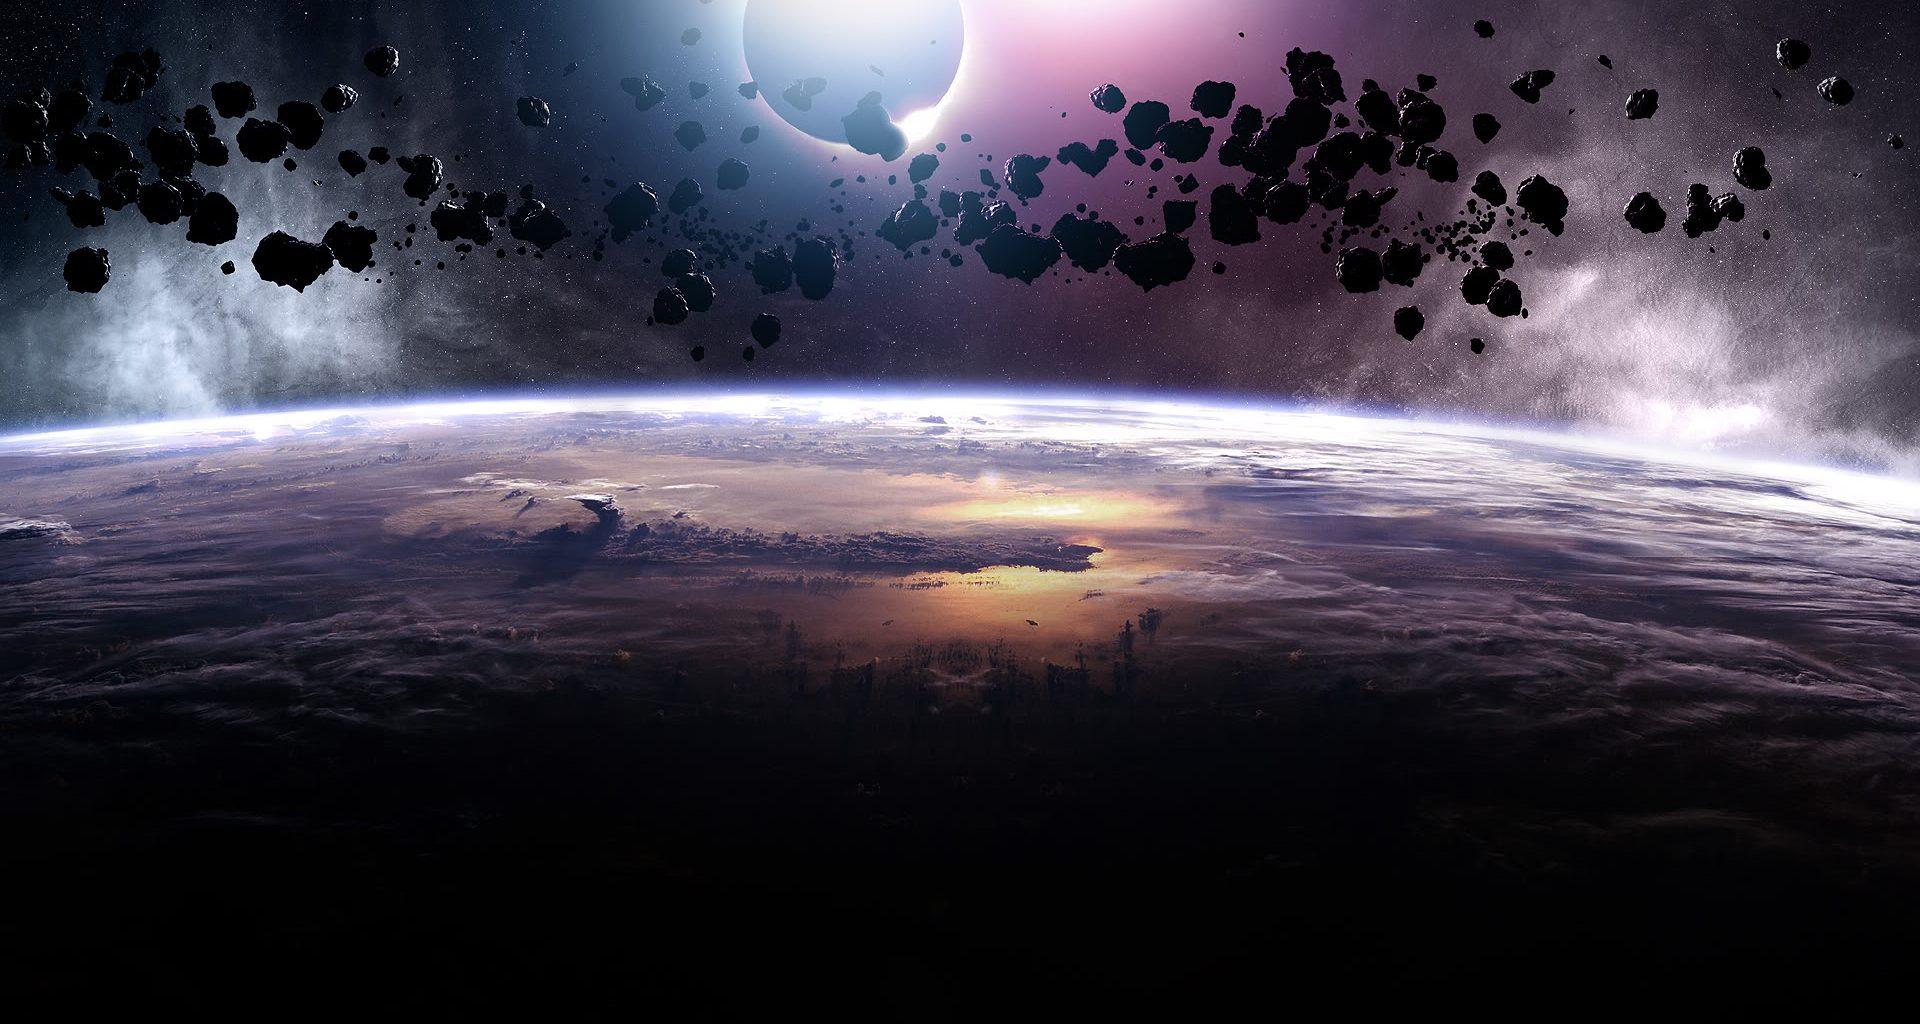 Agencias espaciales reconocen que los asteroides pueden albergar vida